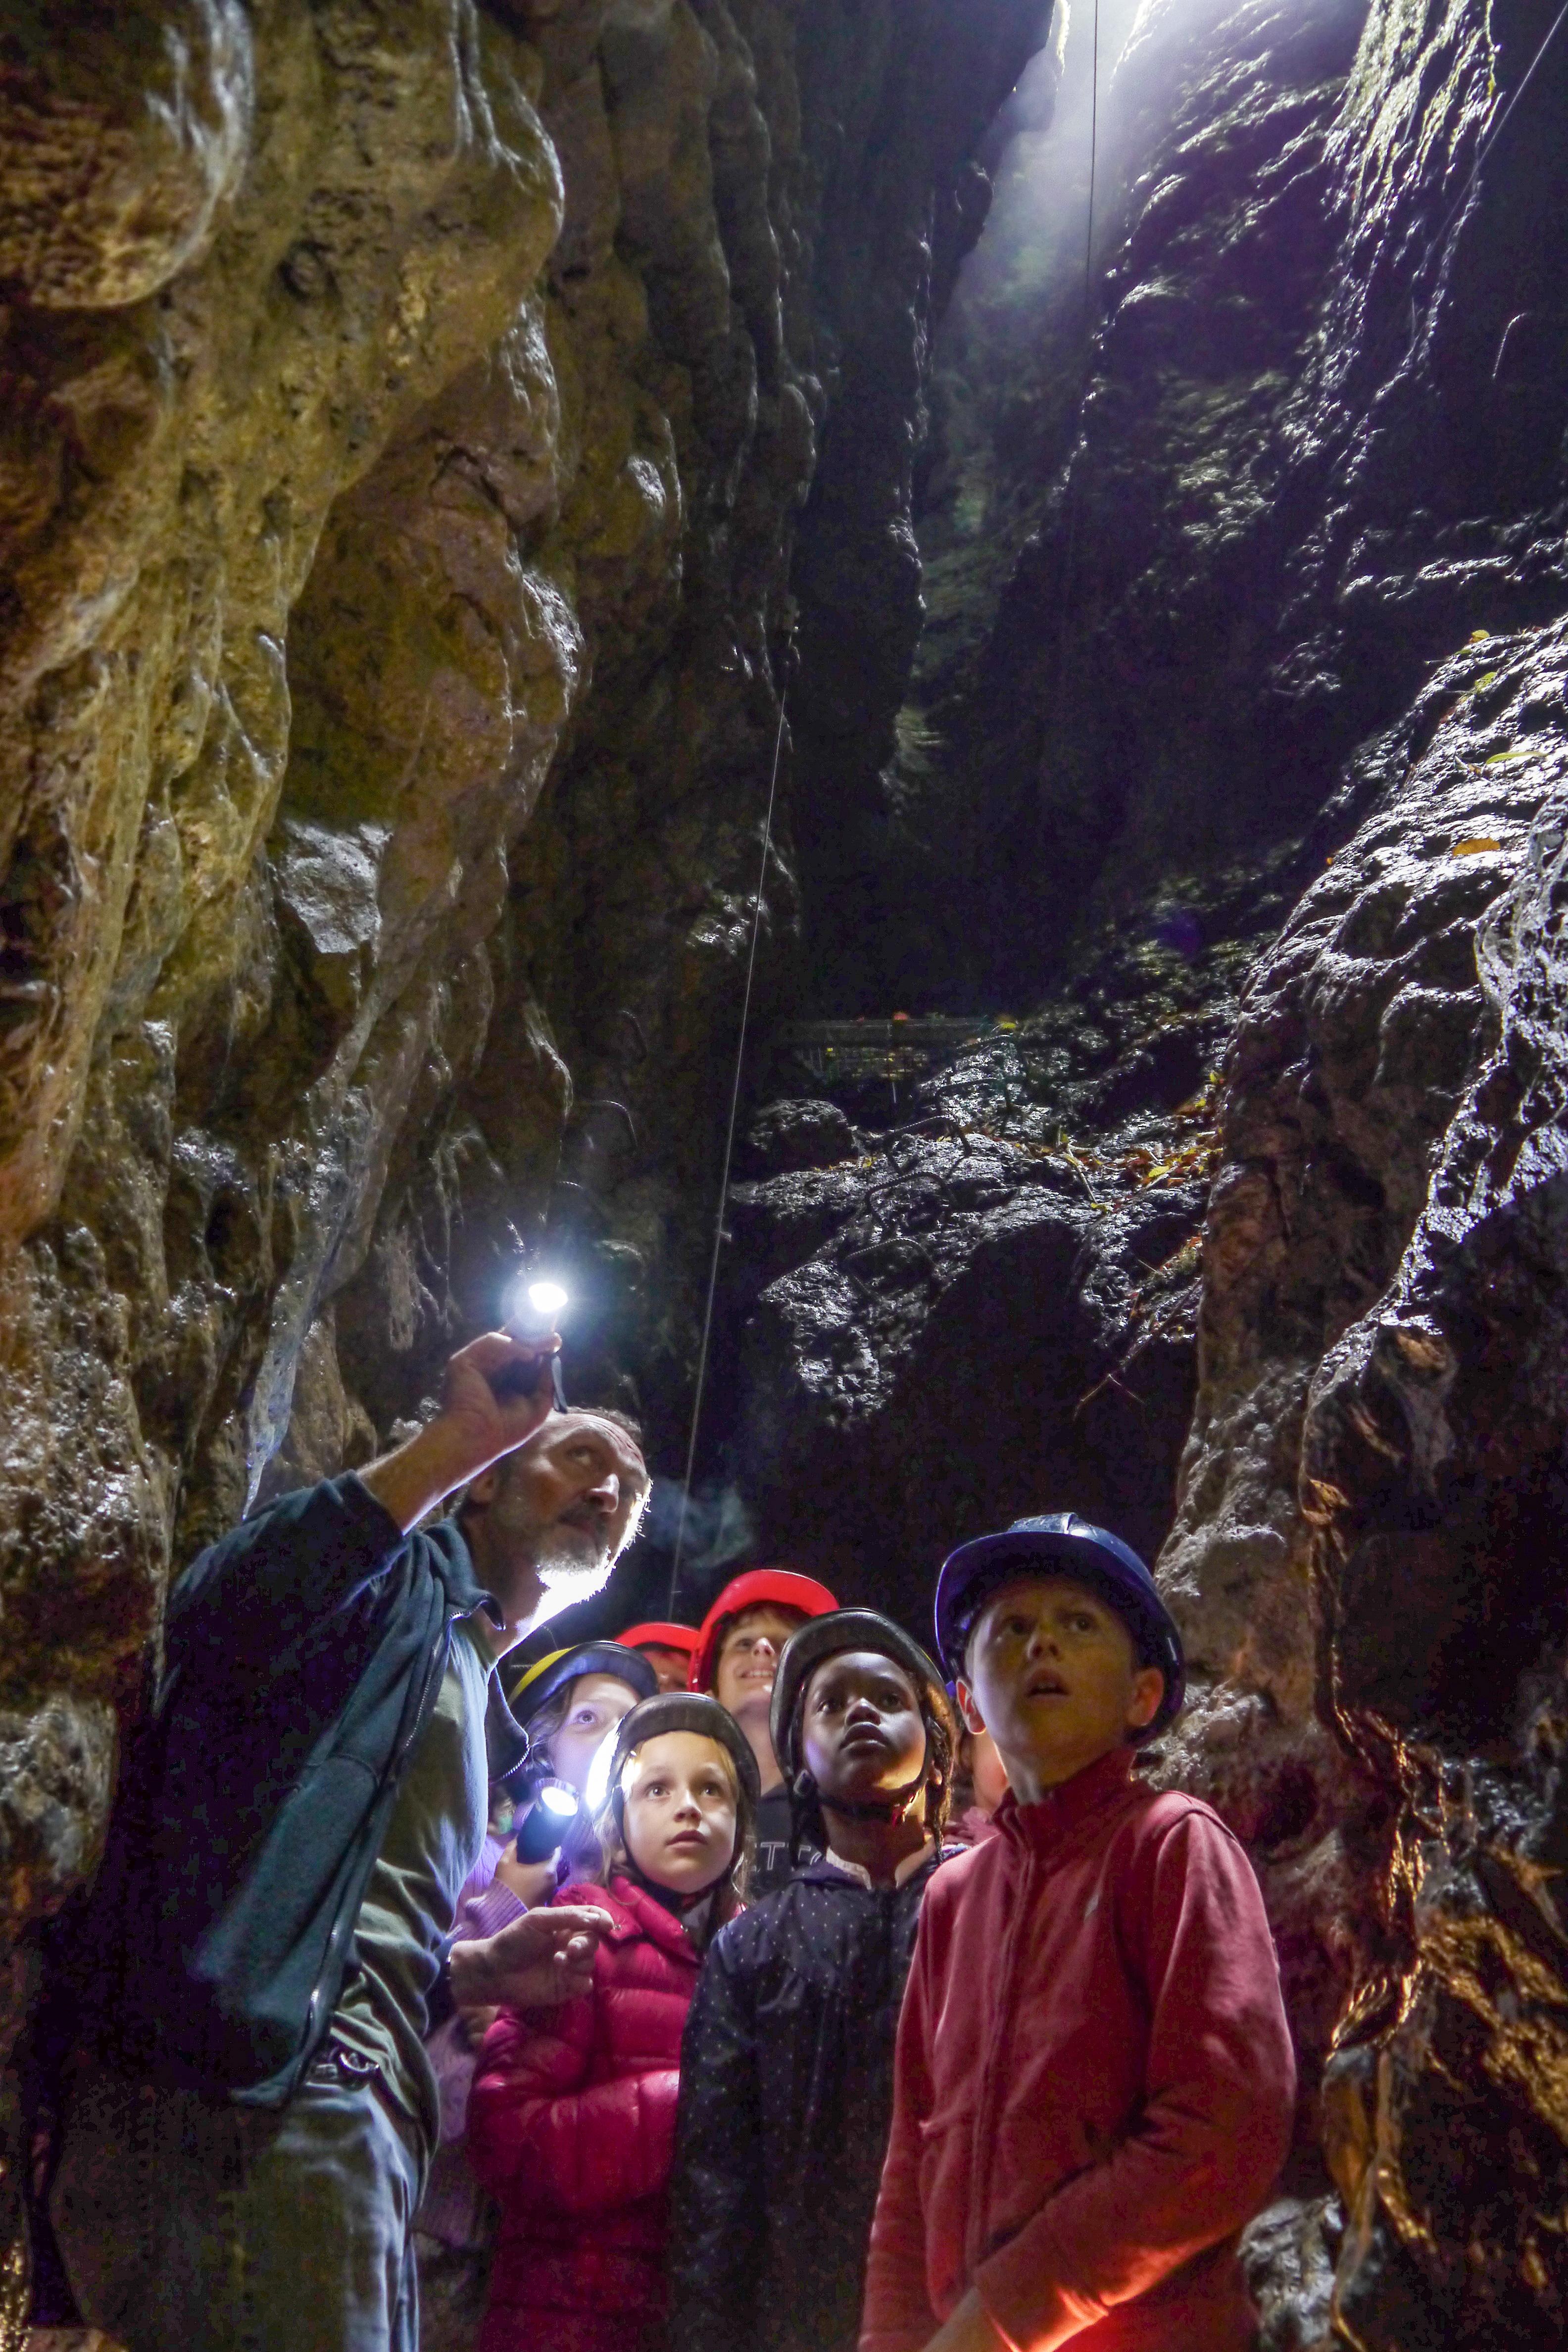 The Grotte de Comblain in Comblain-au-Pont